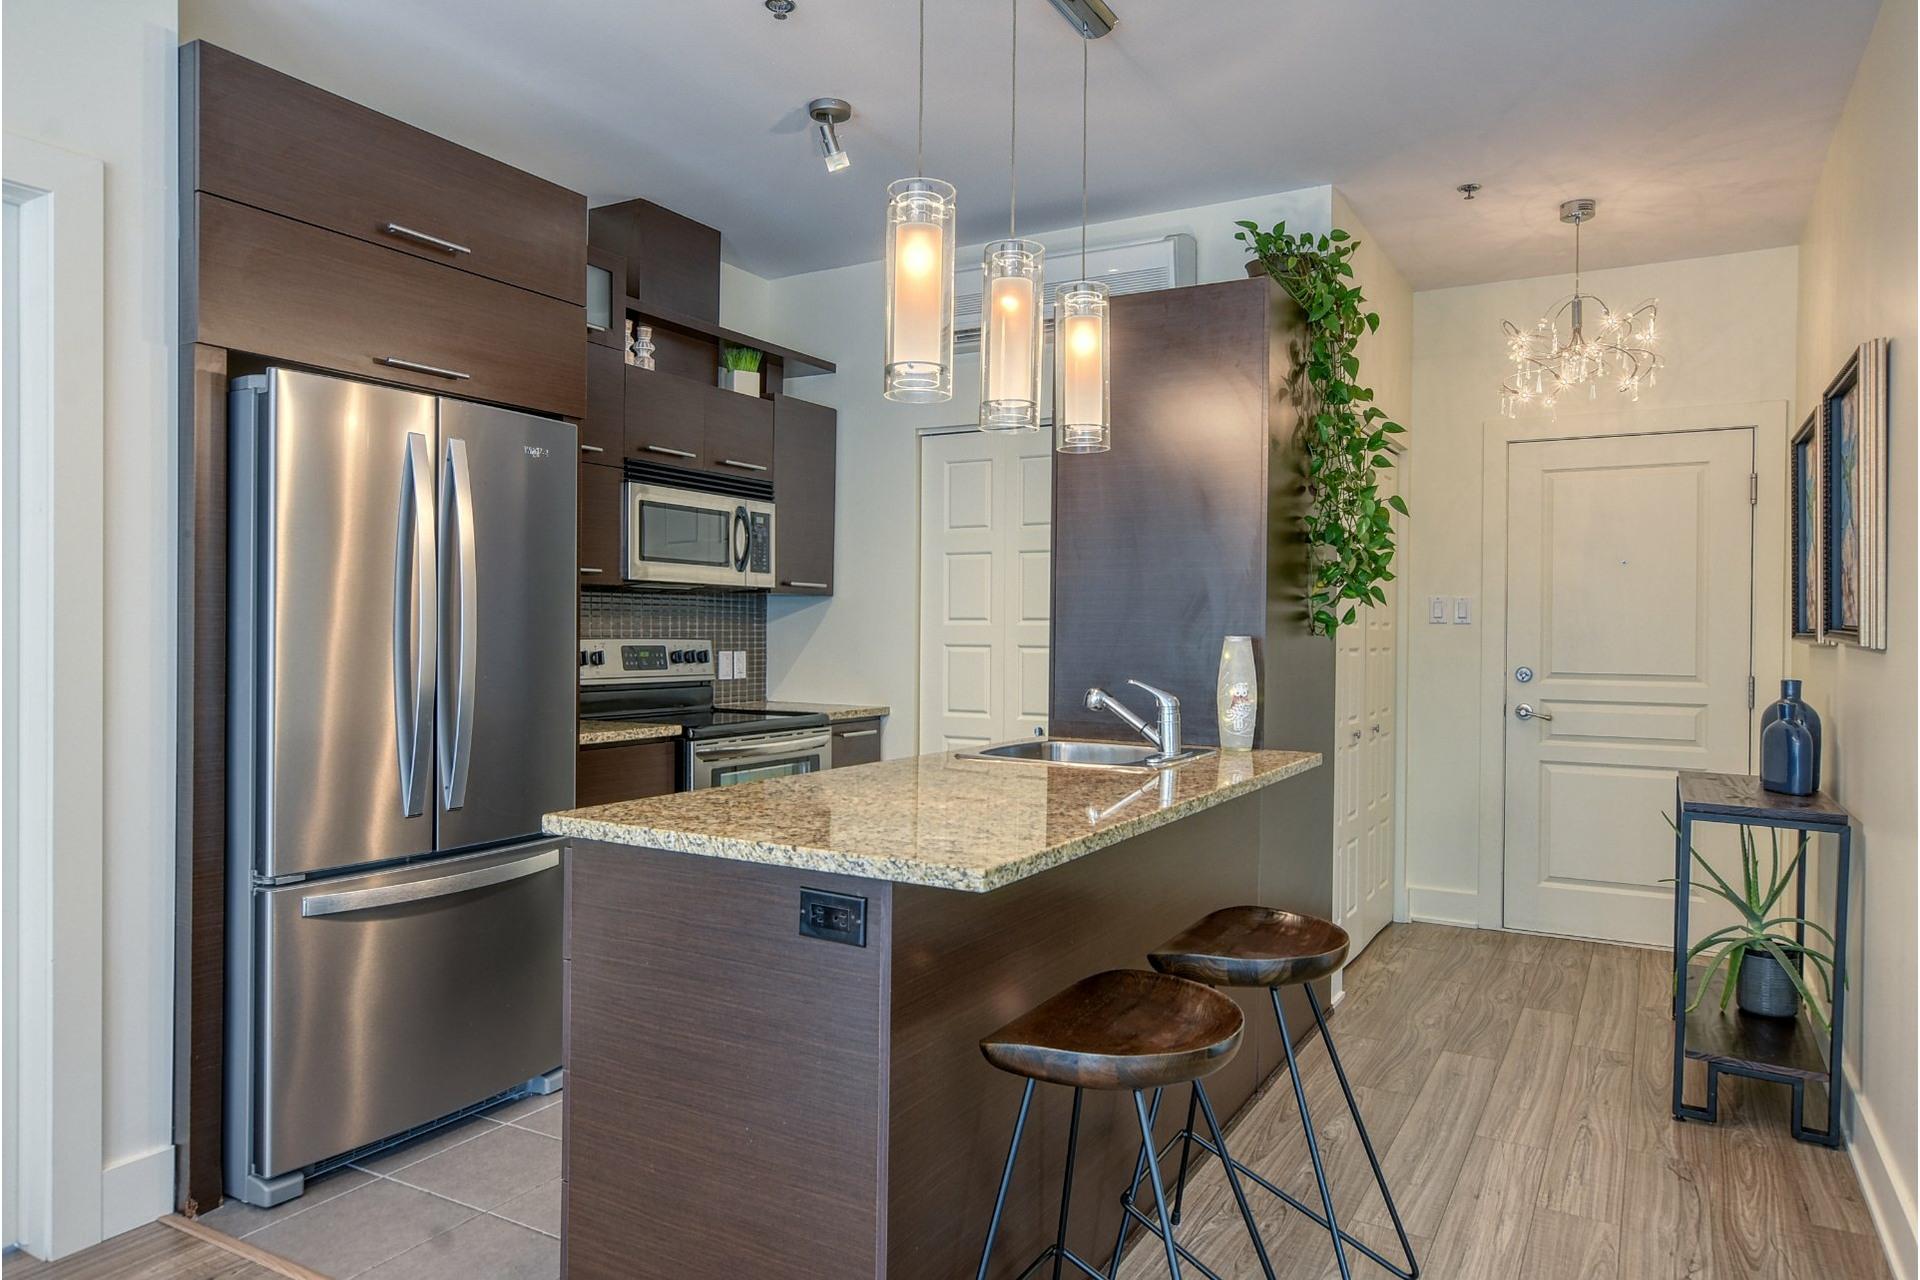 image 4 - Appartement À vendre Boisbriand - 10 pièces